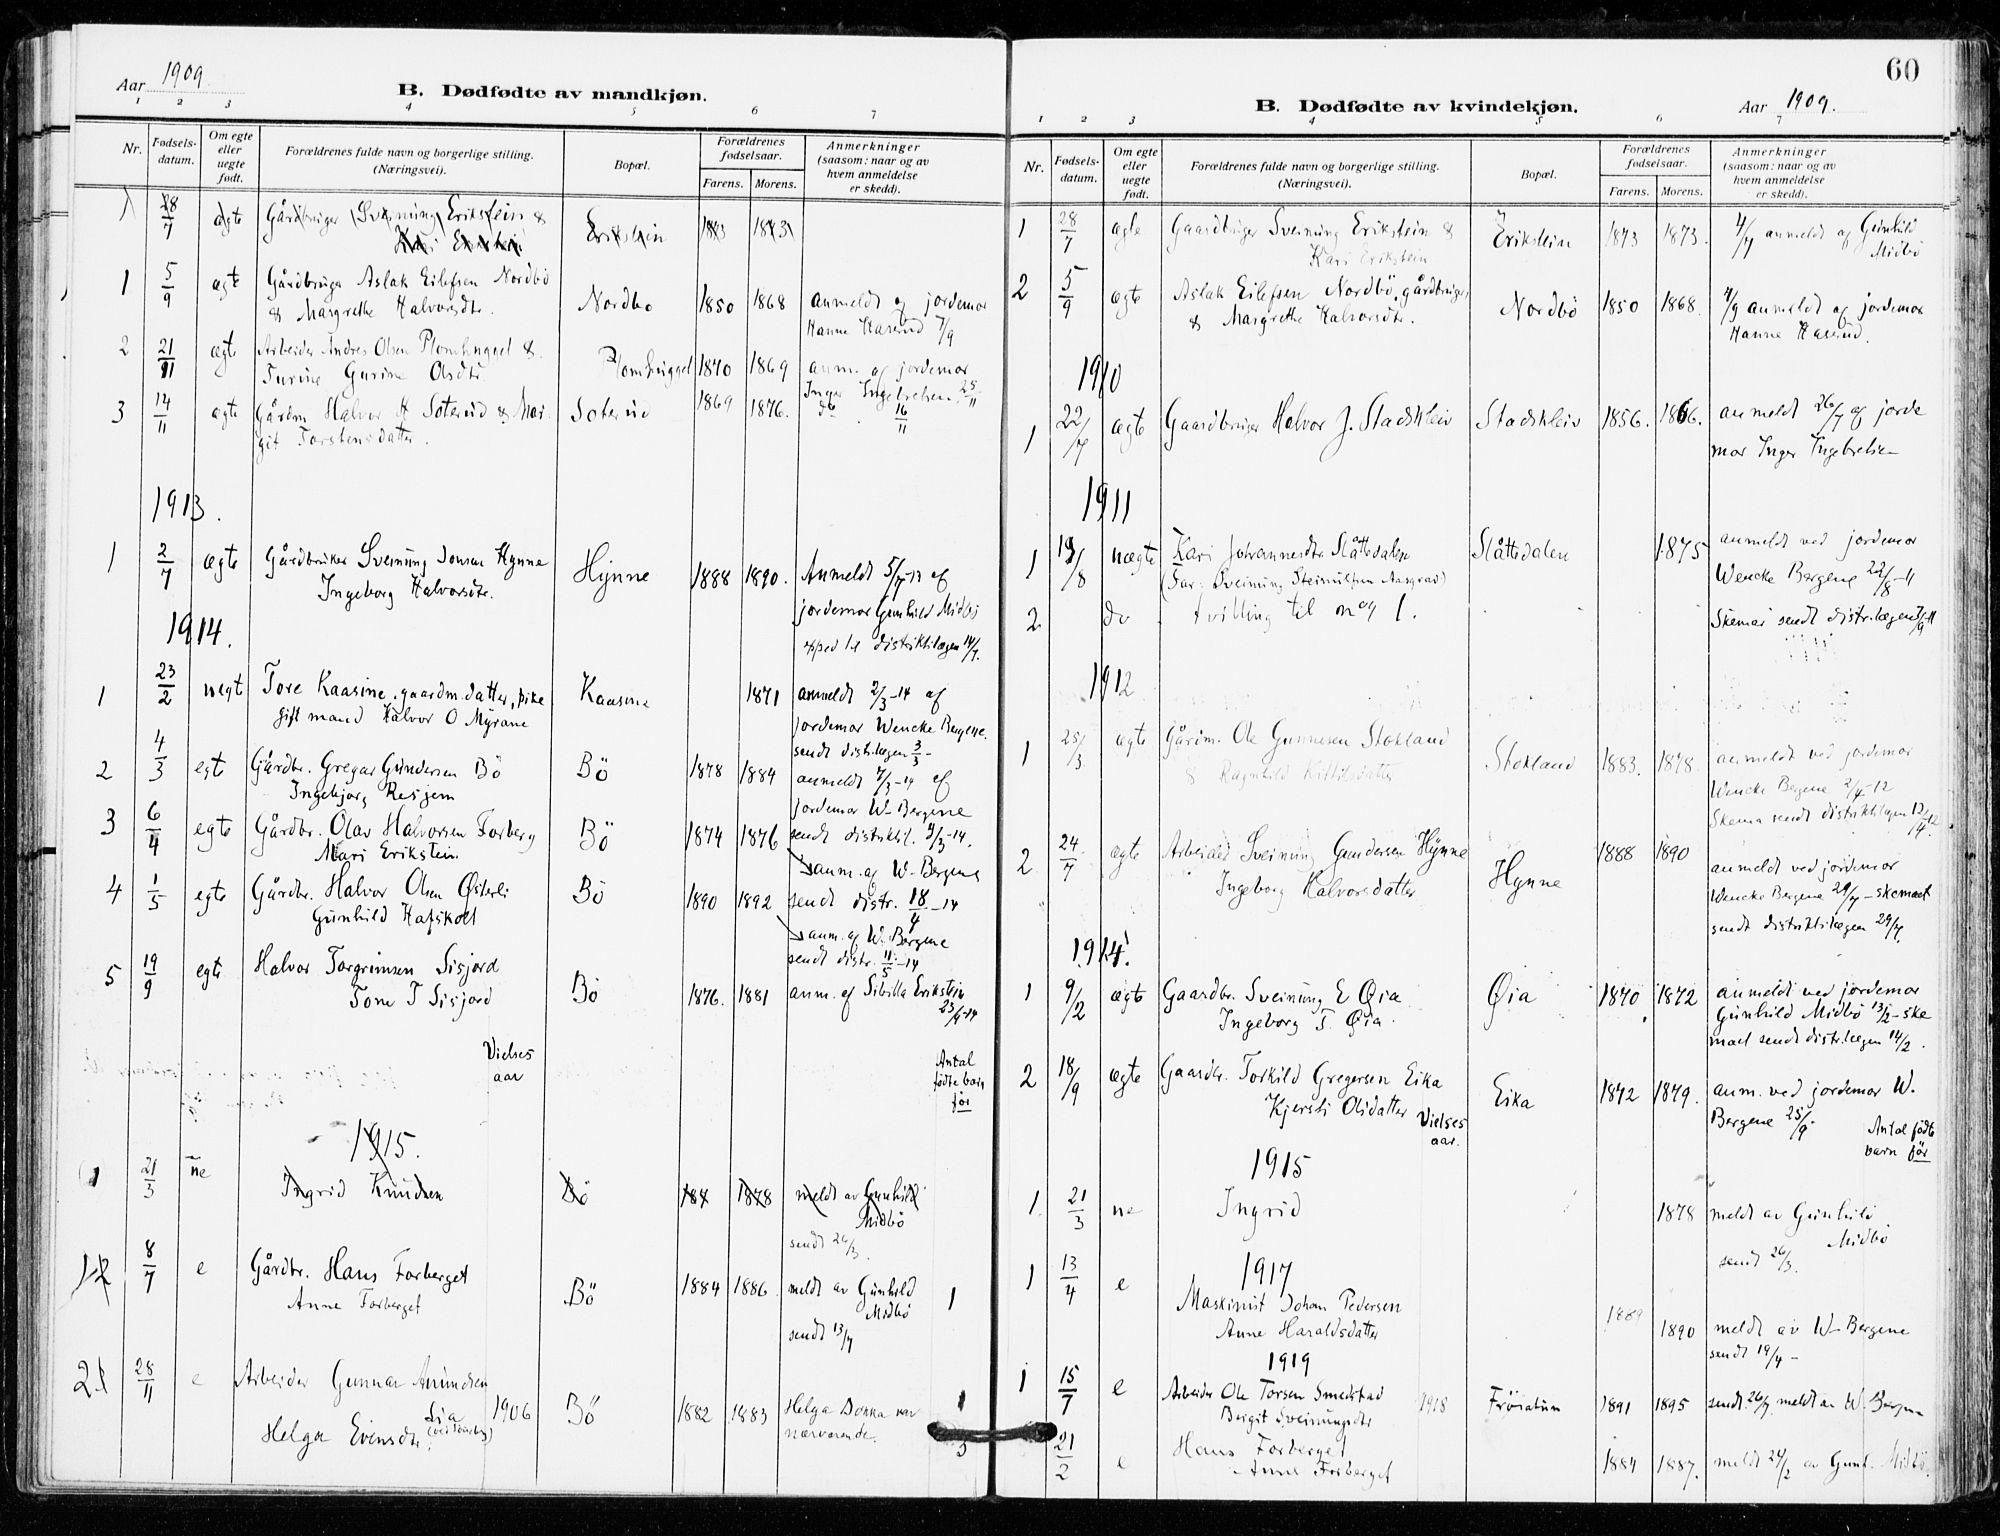 SAKO, Bø kirkebøker, F/Fa/L0013: Ministerialbok nr. 13, 1909-1921, s. 60